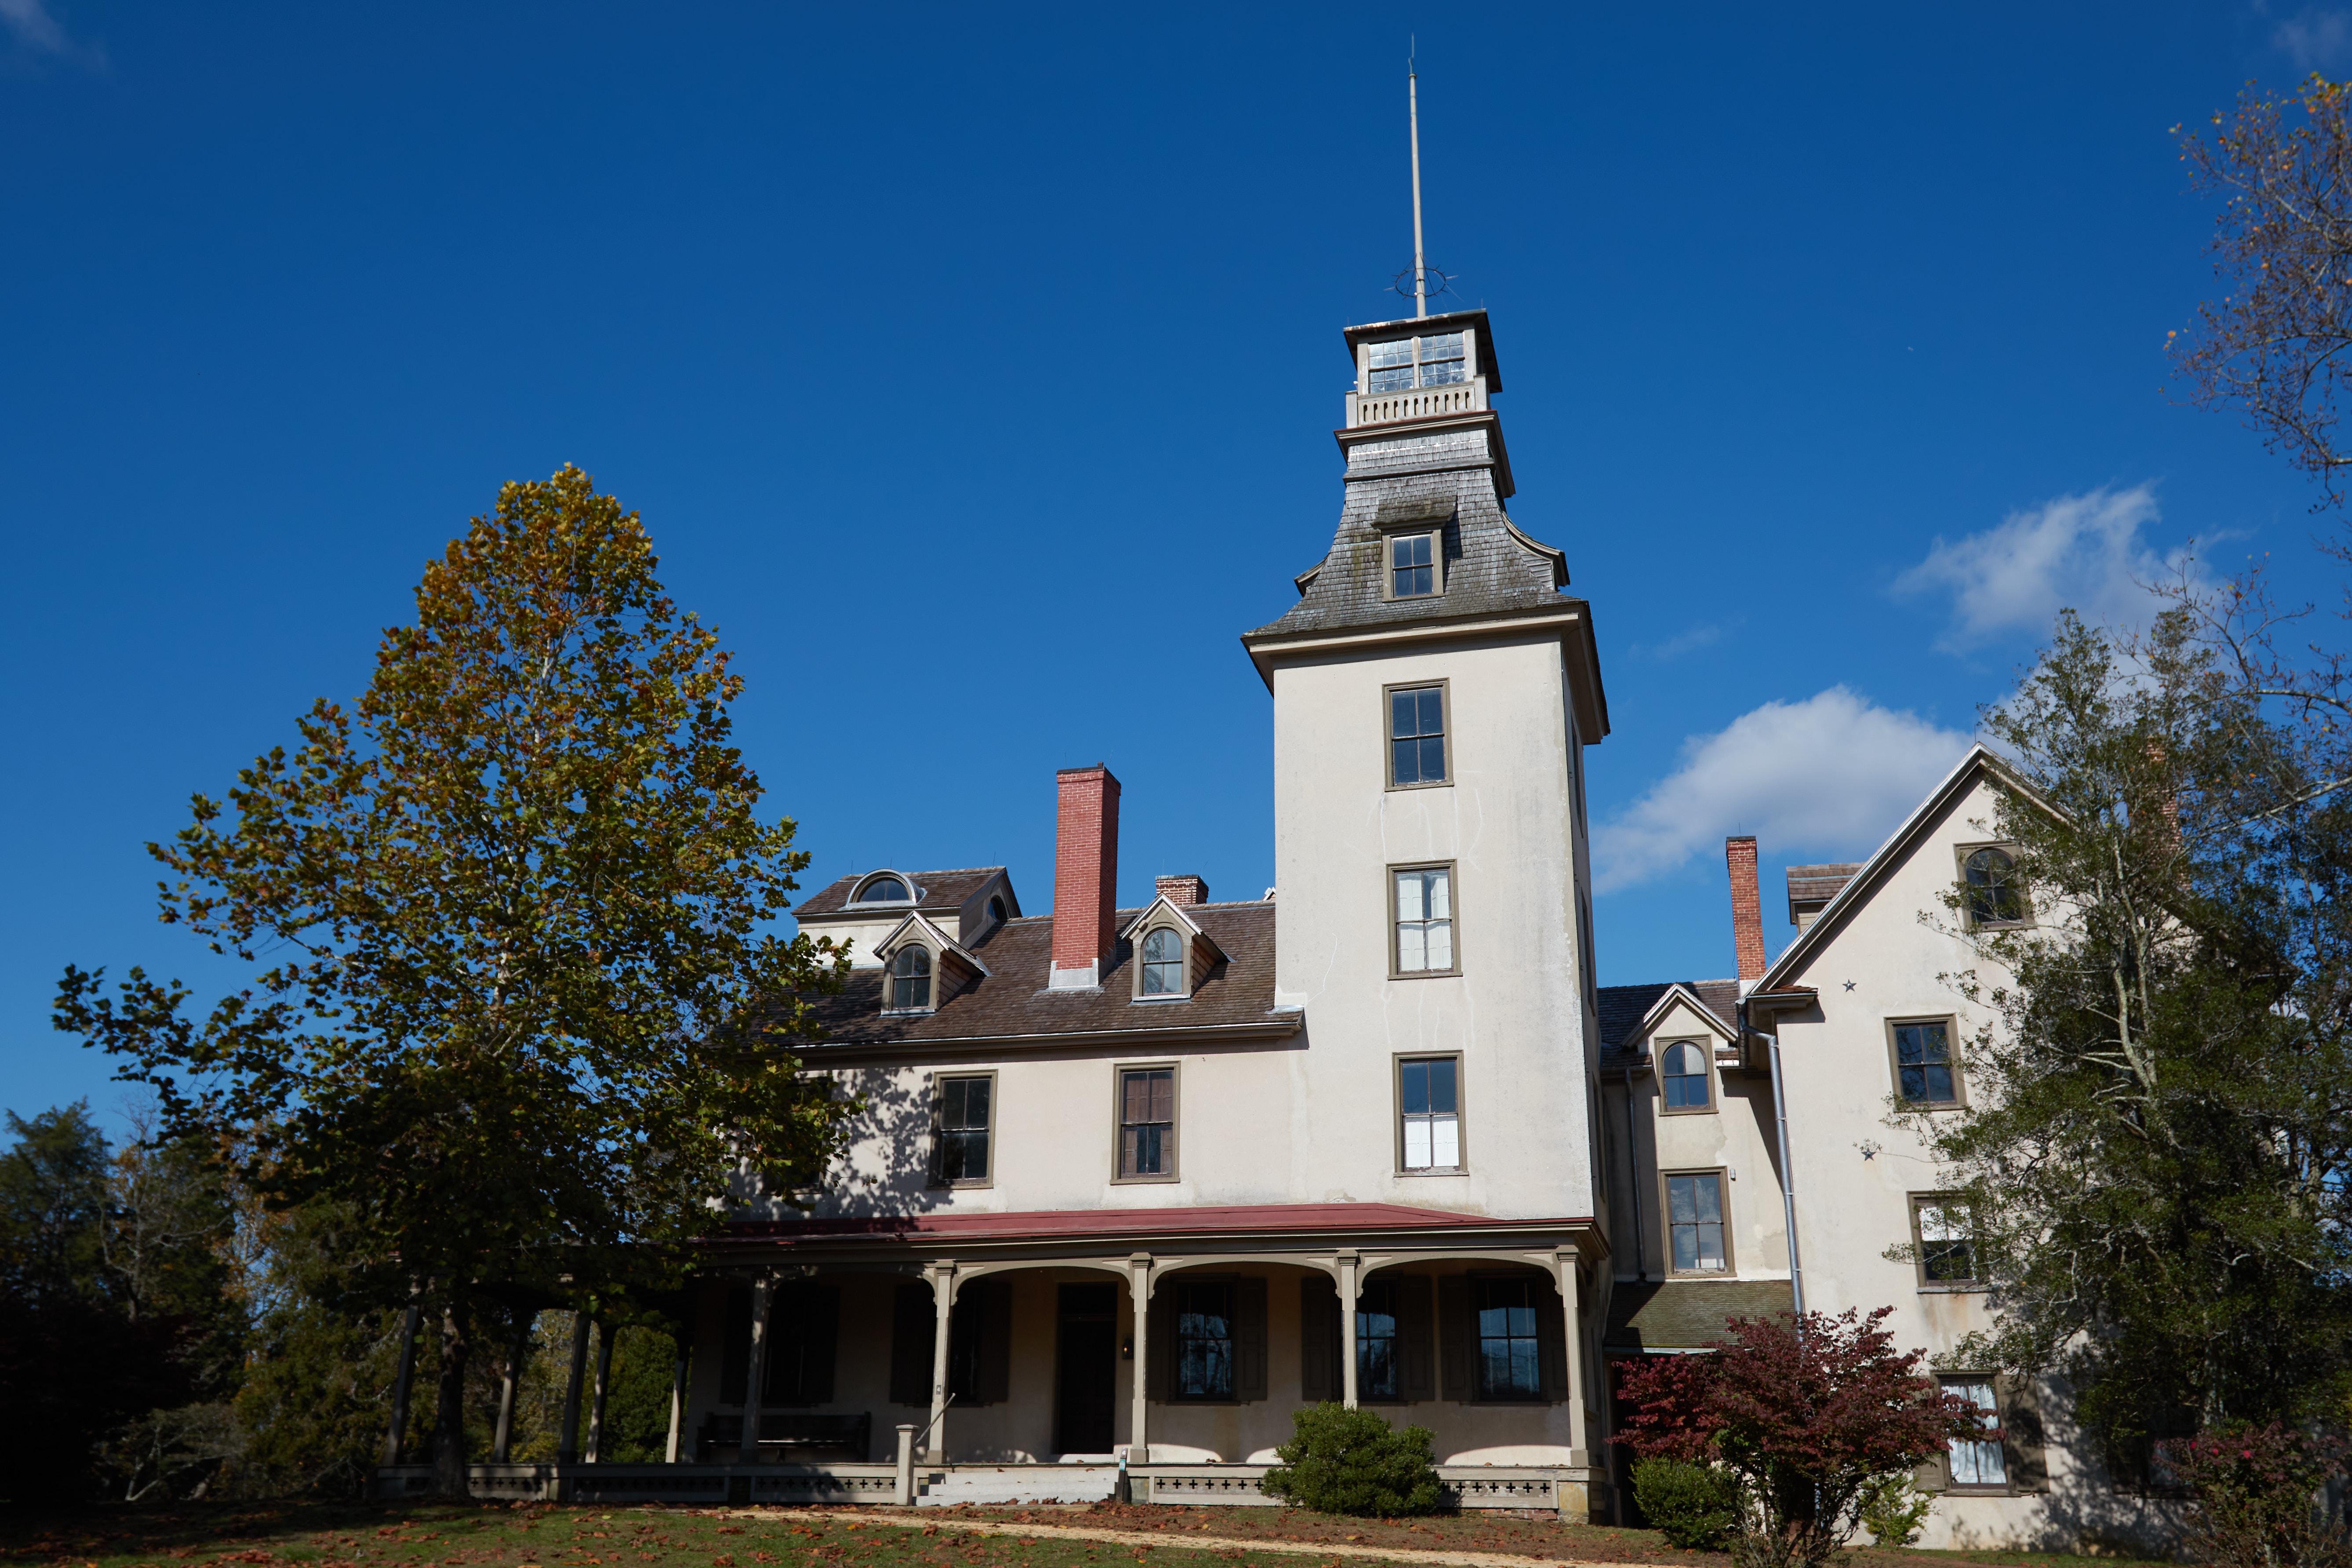 Exterior of Mansion at Batsto.